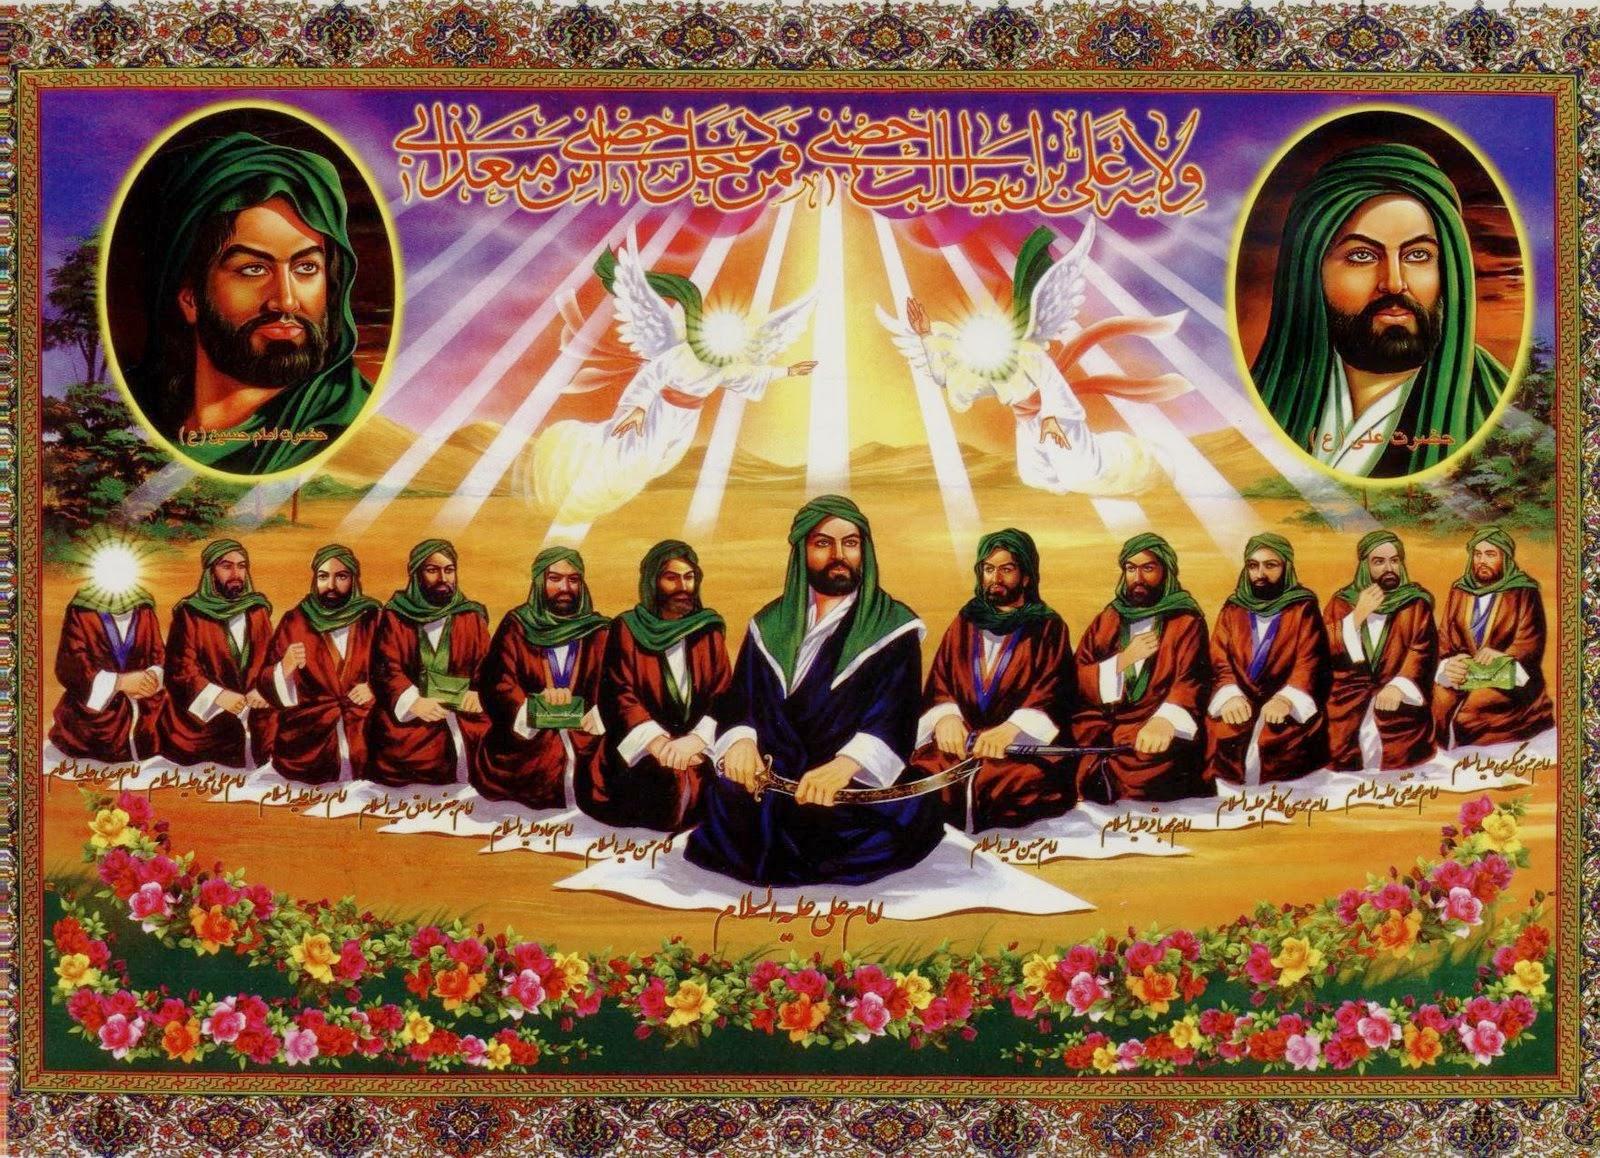 Imam Syiah Berkata Jadi Maka Jadilah